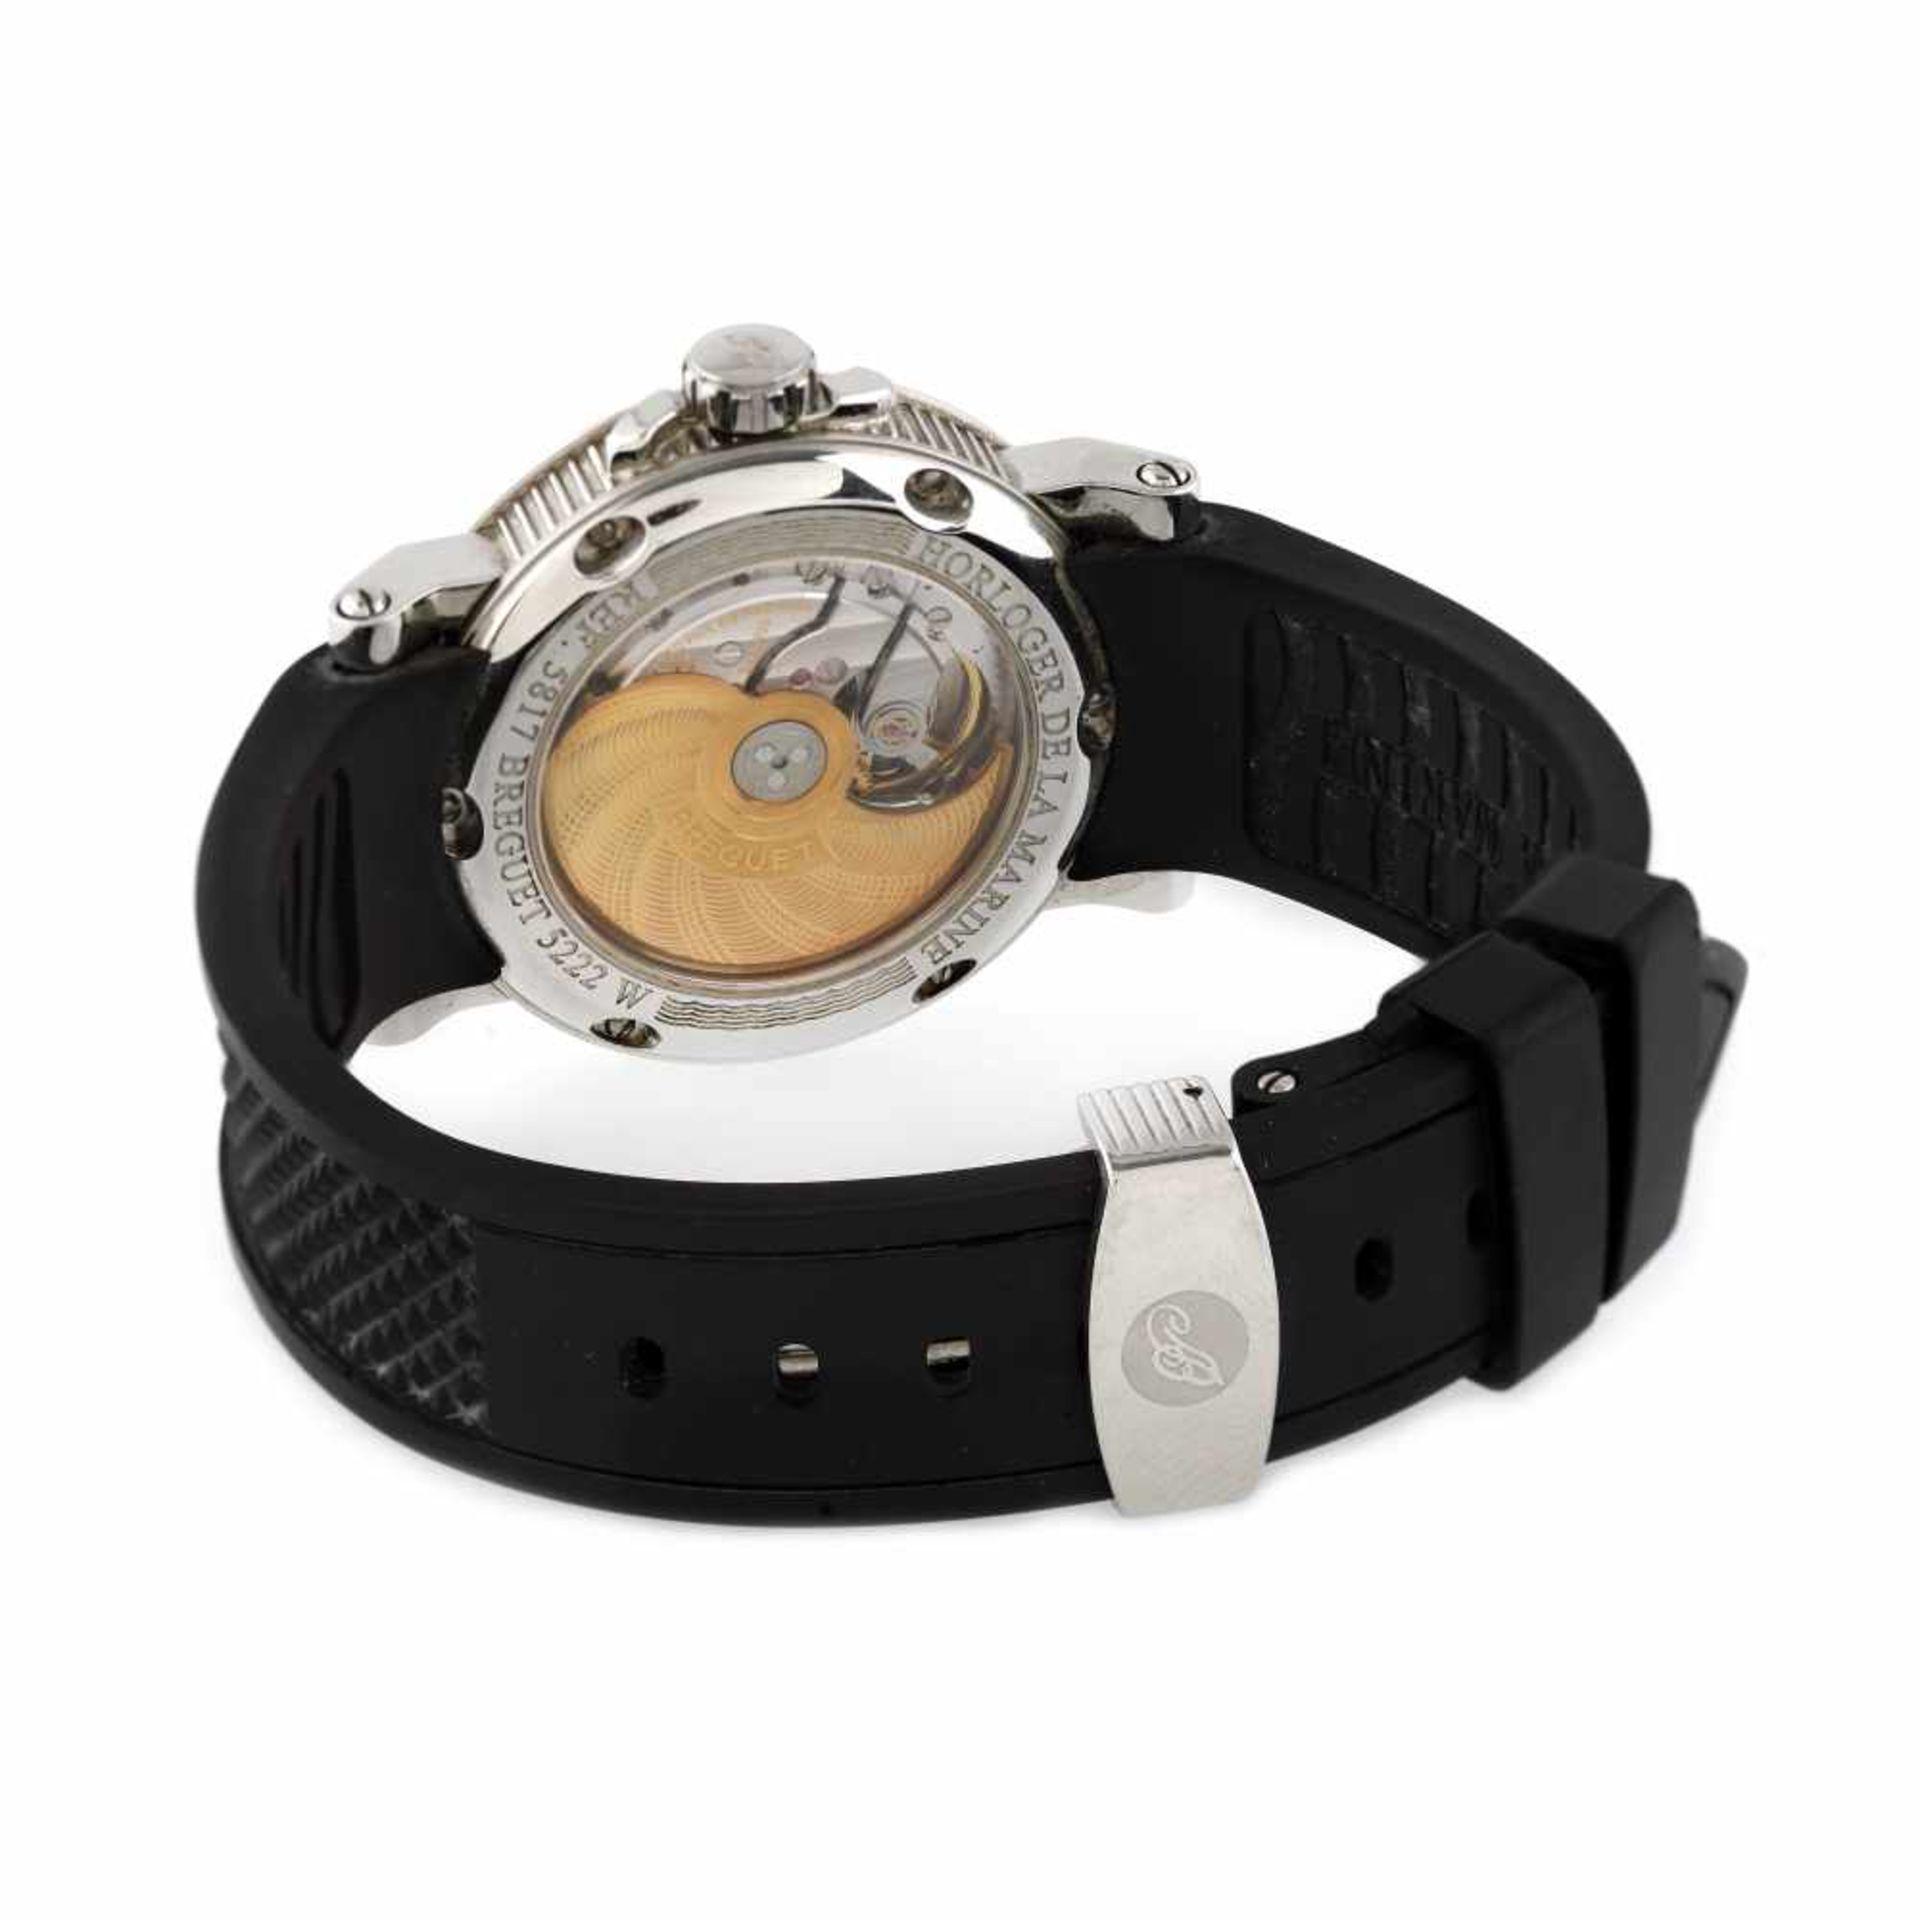 Breguet Marine wristwatch, men, provenance documents - Bild 2 aus 3